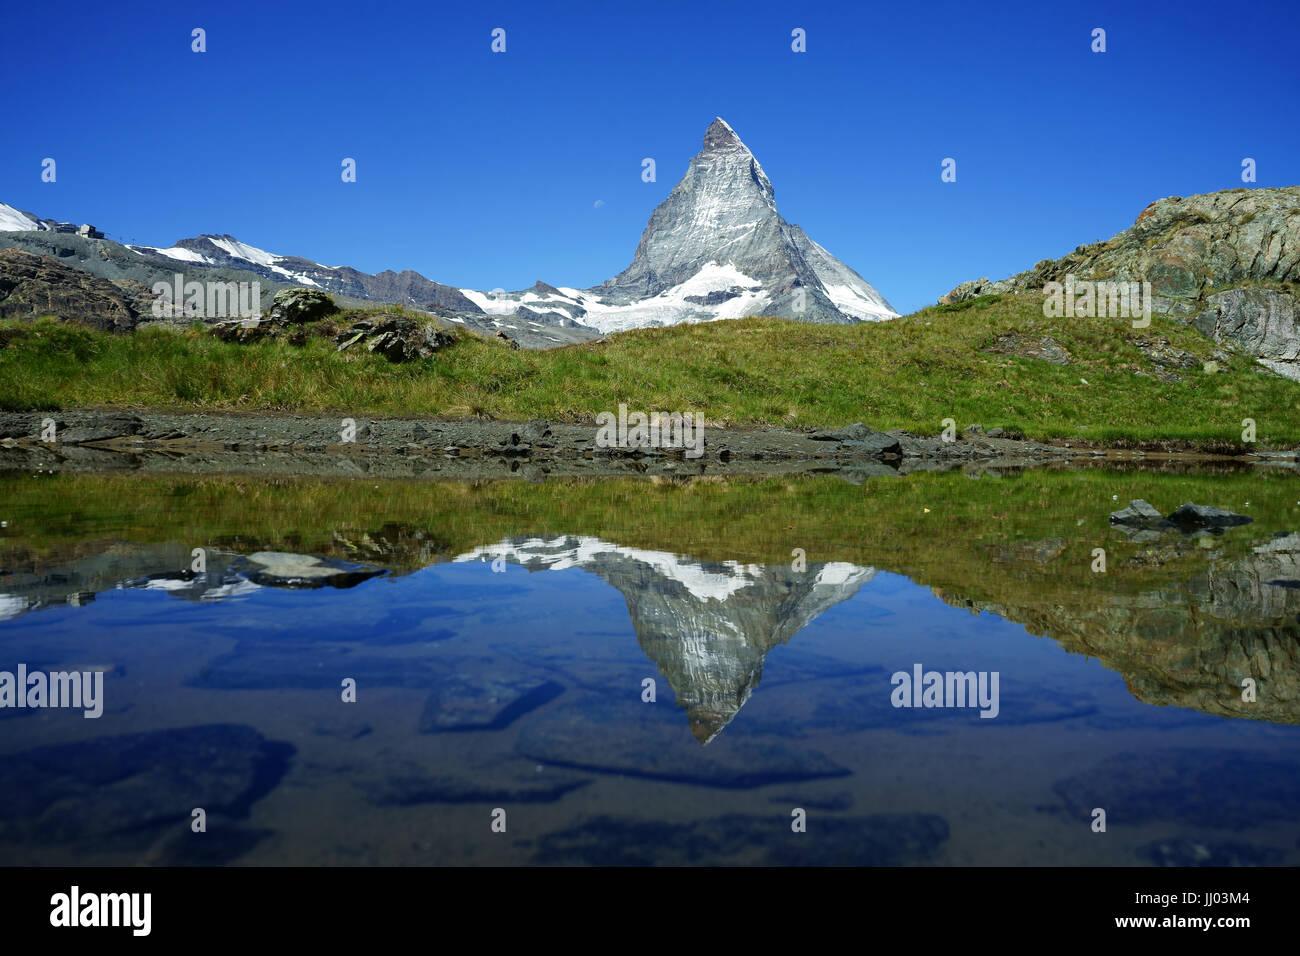 PenninianMattrerhorn oberhalb Zermatt Regfelcting in kleinen Teich bei Gagenhaupt, Schweizer Alpen, Schweiz Stockbild